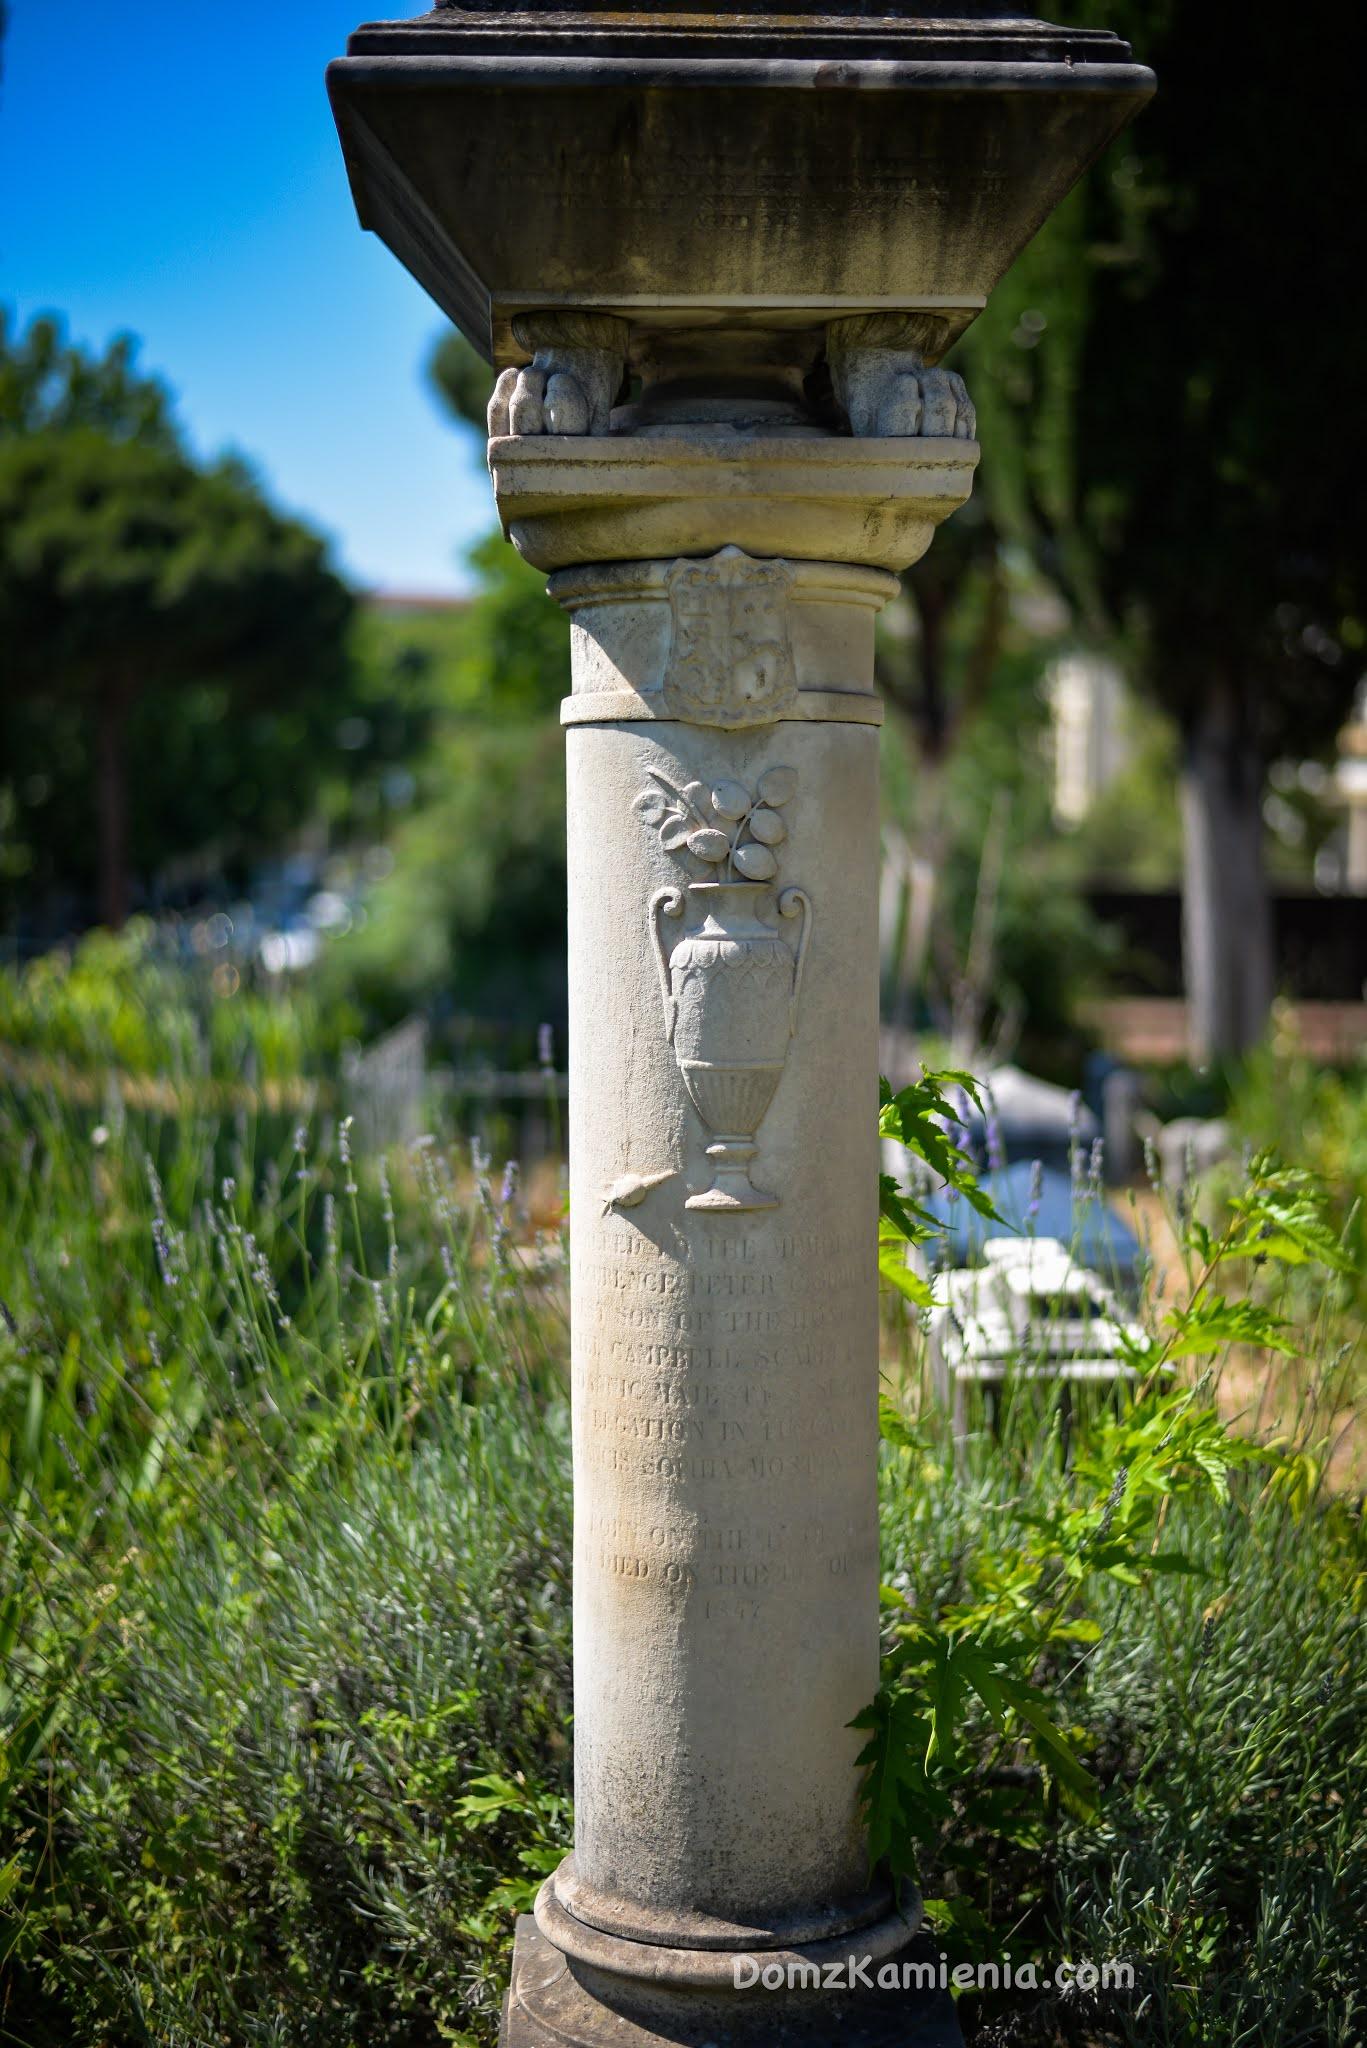 Cmentarz Anglików - Dom z Kamienia, Sekrety Florencji